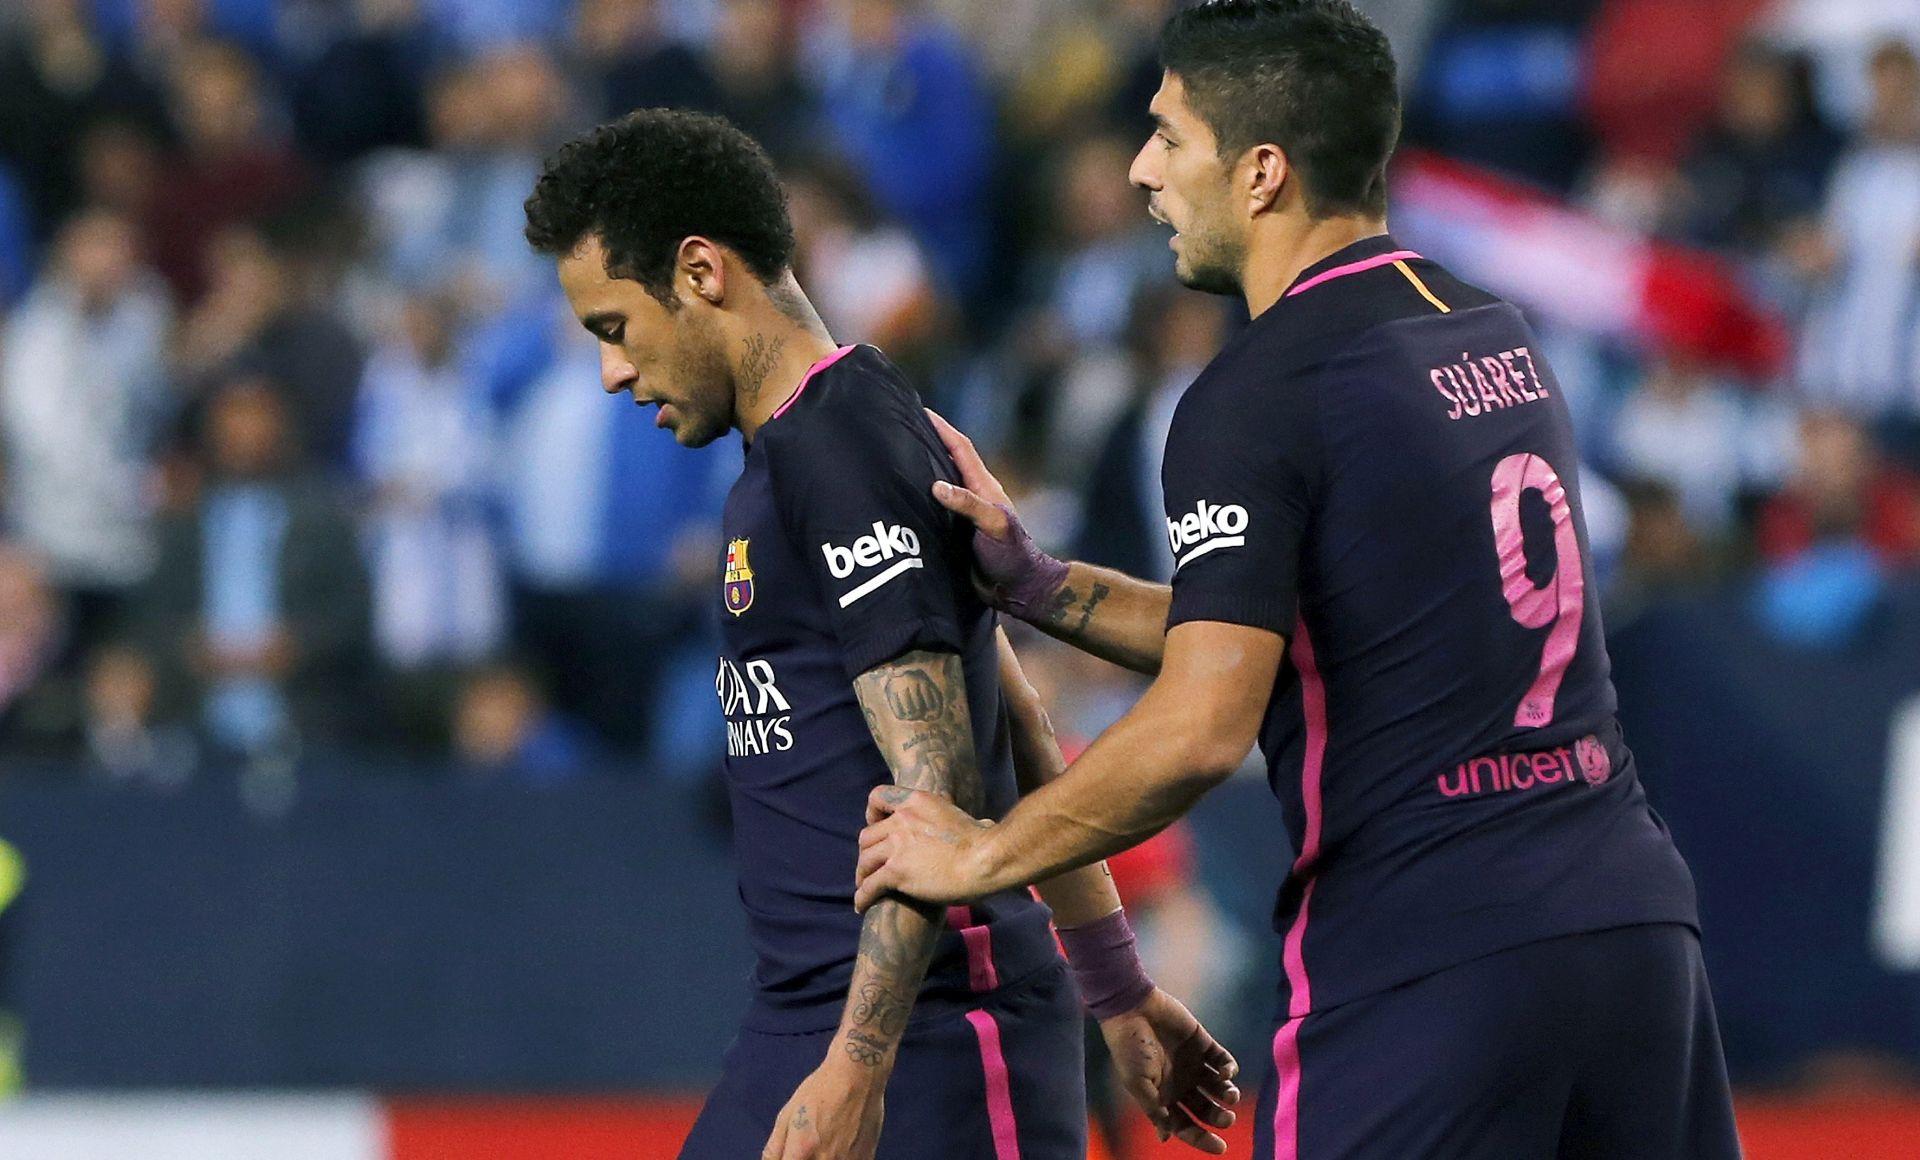 La Liga odbila prihvatiti 222 milijuna eura za Neymara